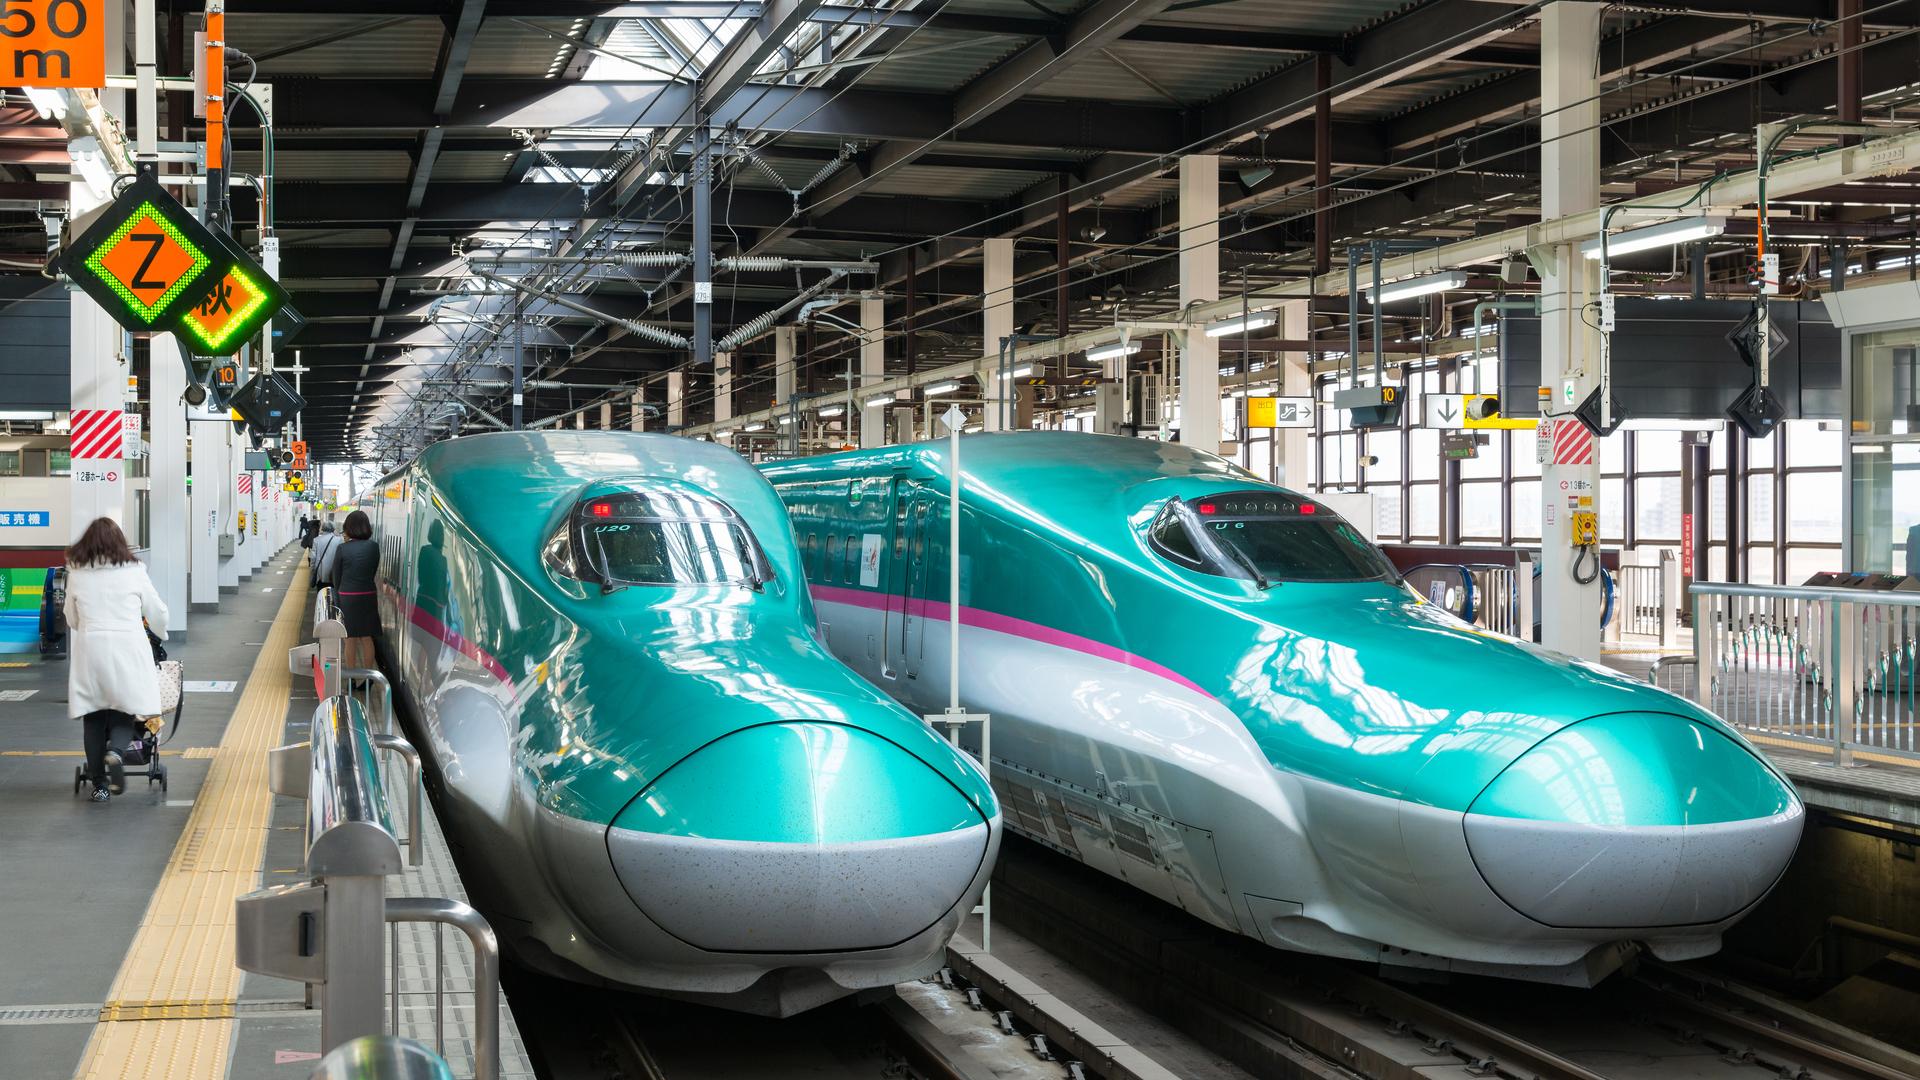 半額 jr 西日本 新幹線